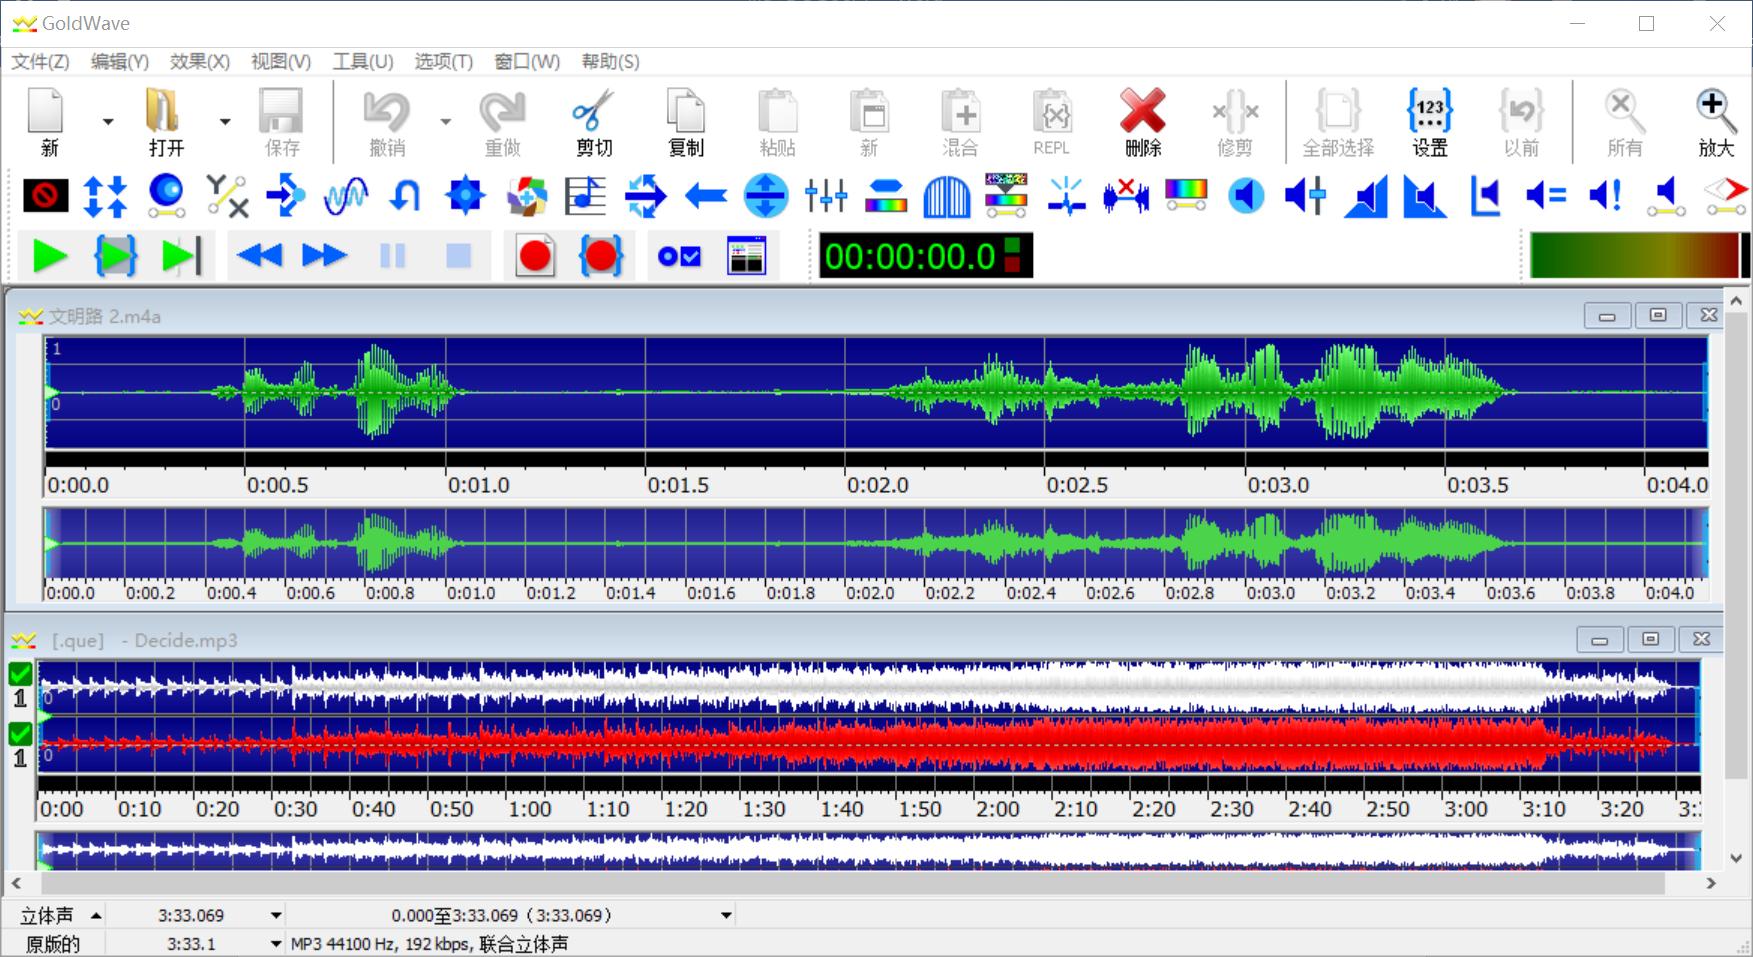 图片1:GoldWave同时打开两段音频窗口